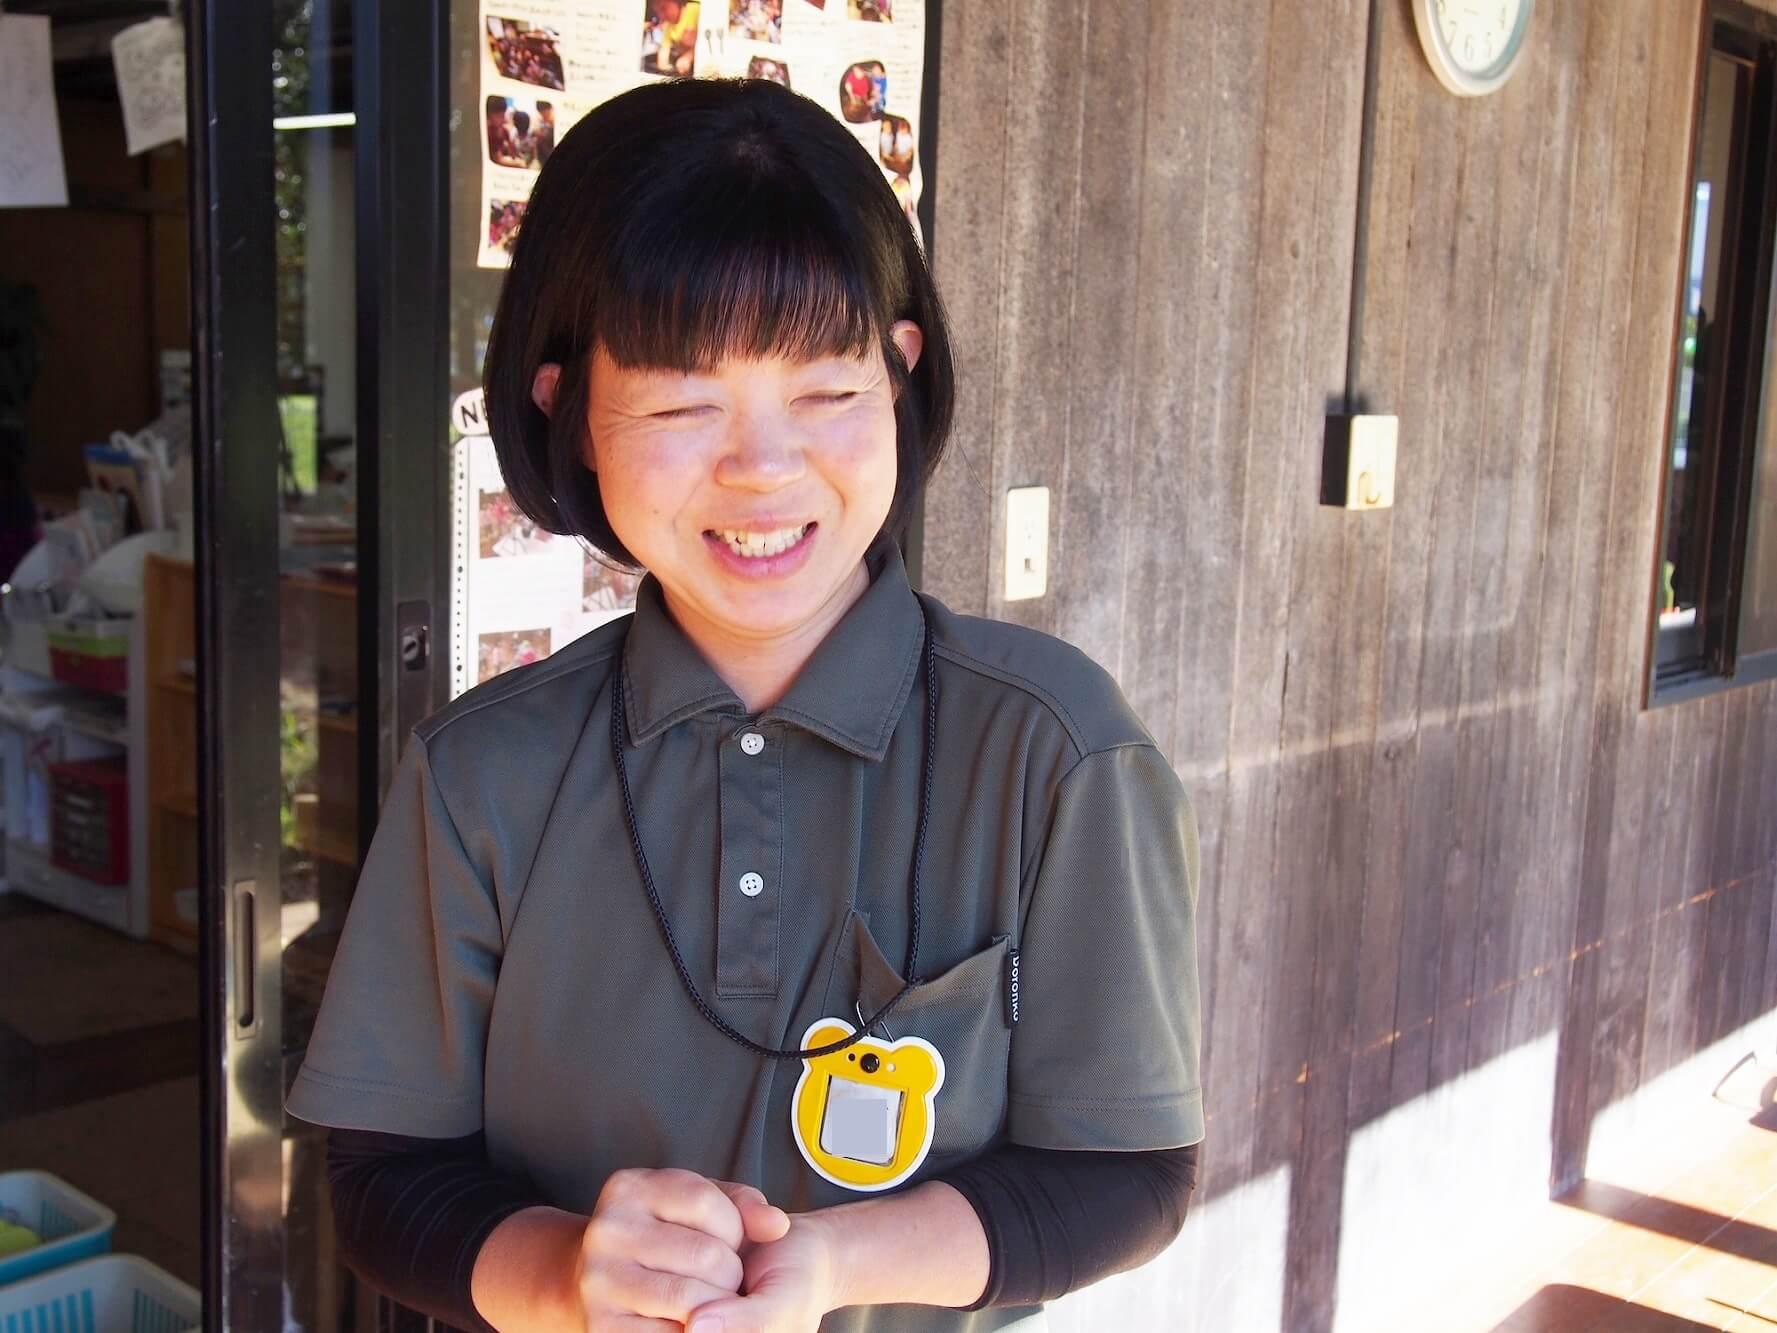 「私の経験が少しでも参考になれば嬉しいです」と笑う岩崎さん